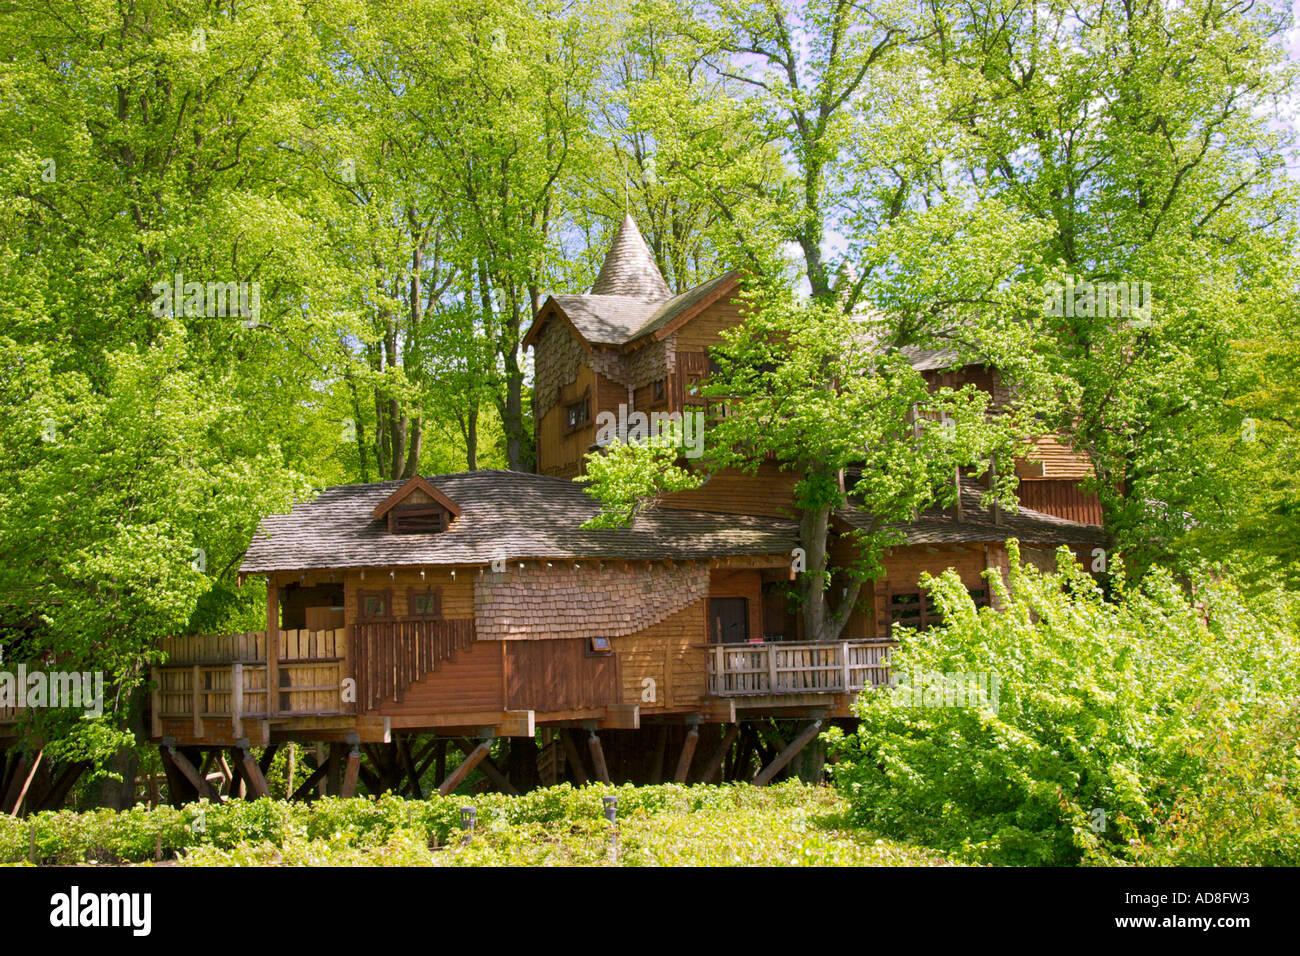 Baum-Haus in Alnwick Gardens Northumberland UK Stockbild